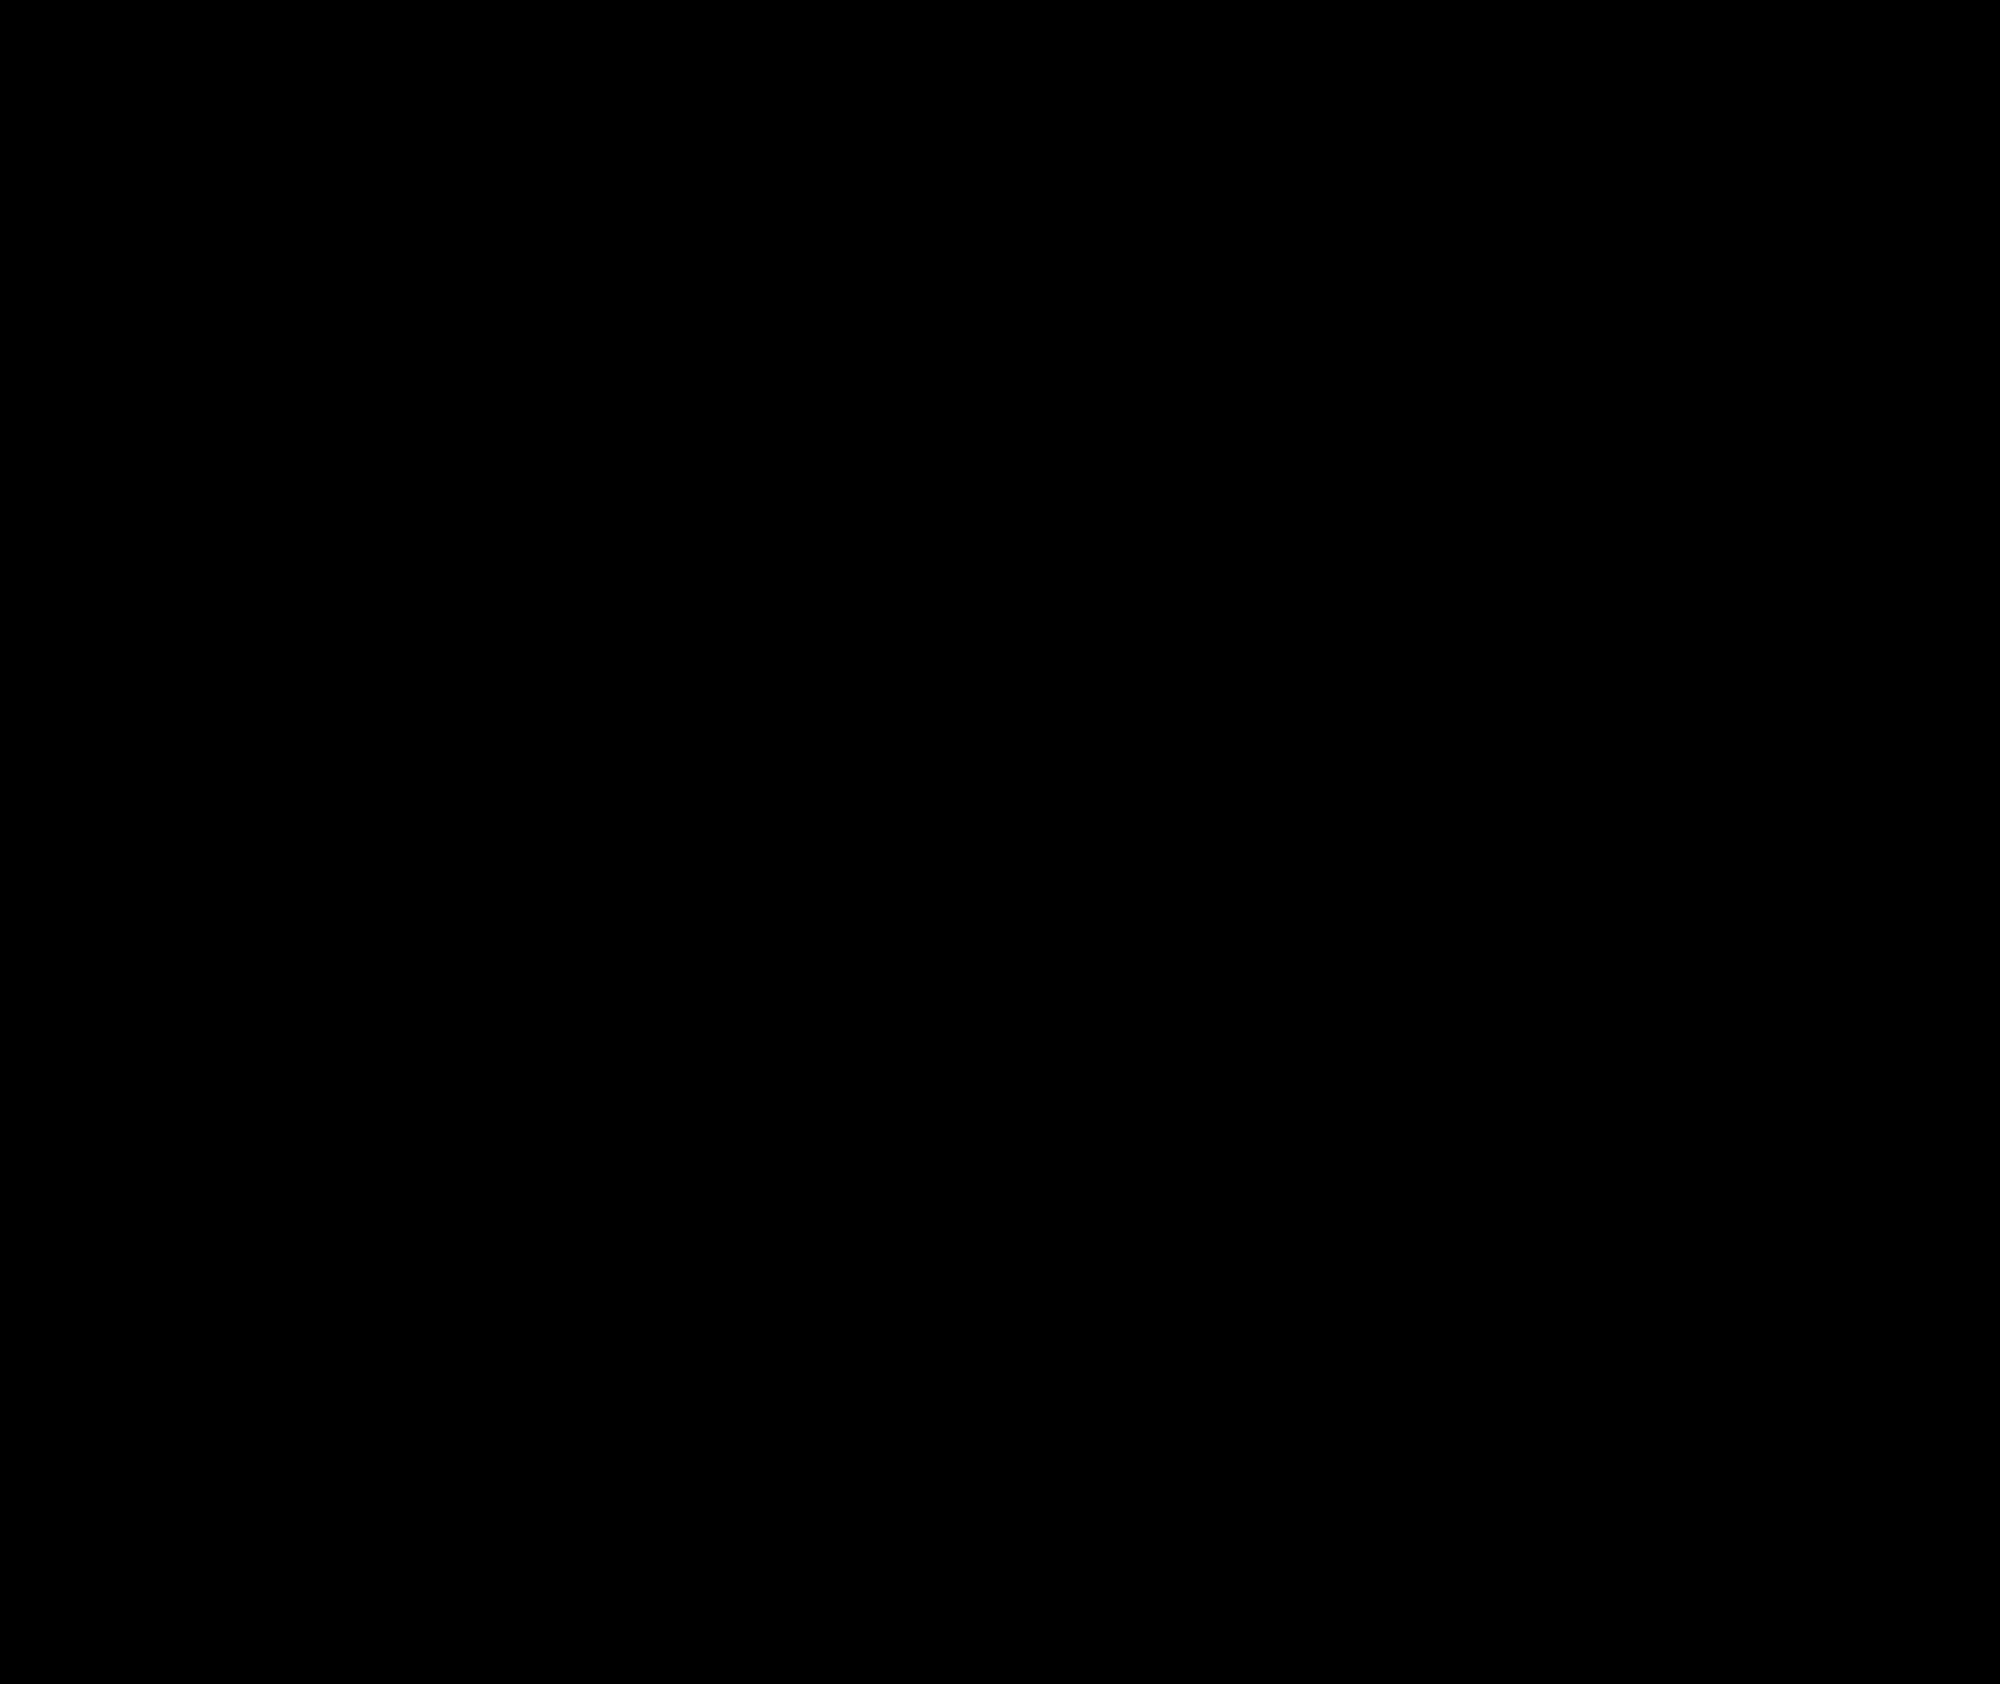 PNG Pfeil - 72485